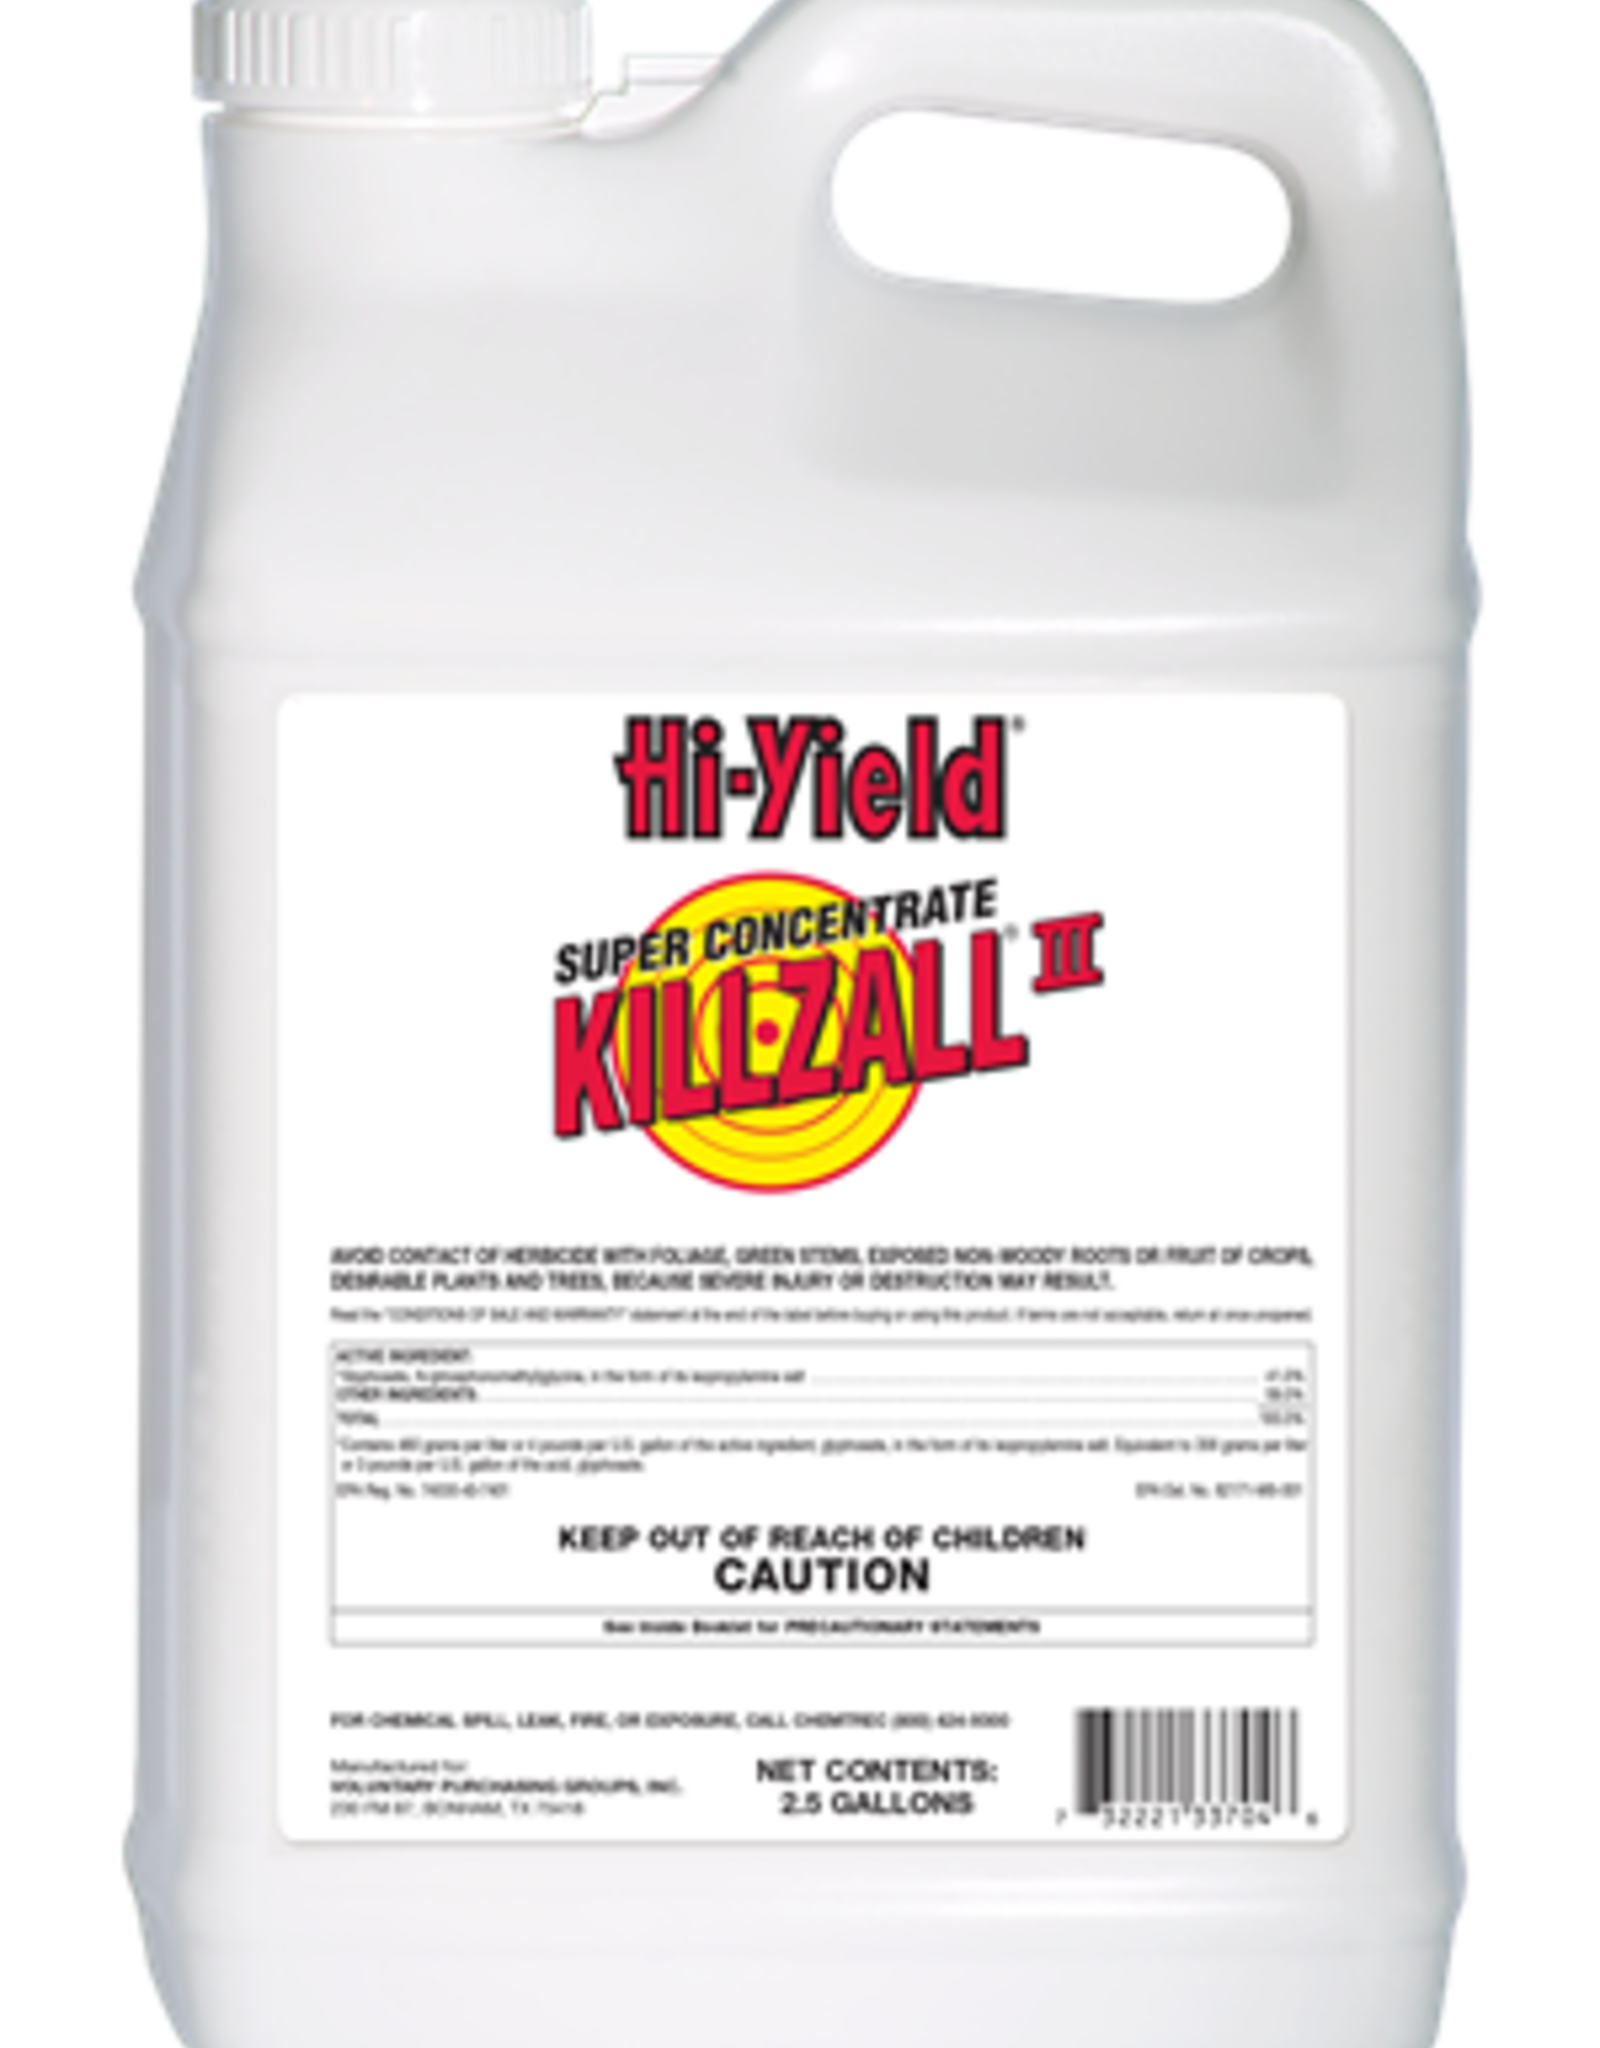 Hi-Yield Hi-Yield Super Concentrate Killzall 2 - 2.5 Gal